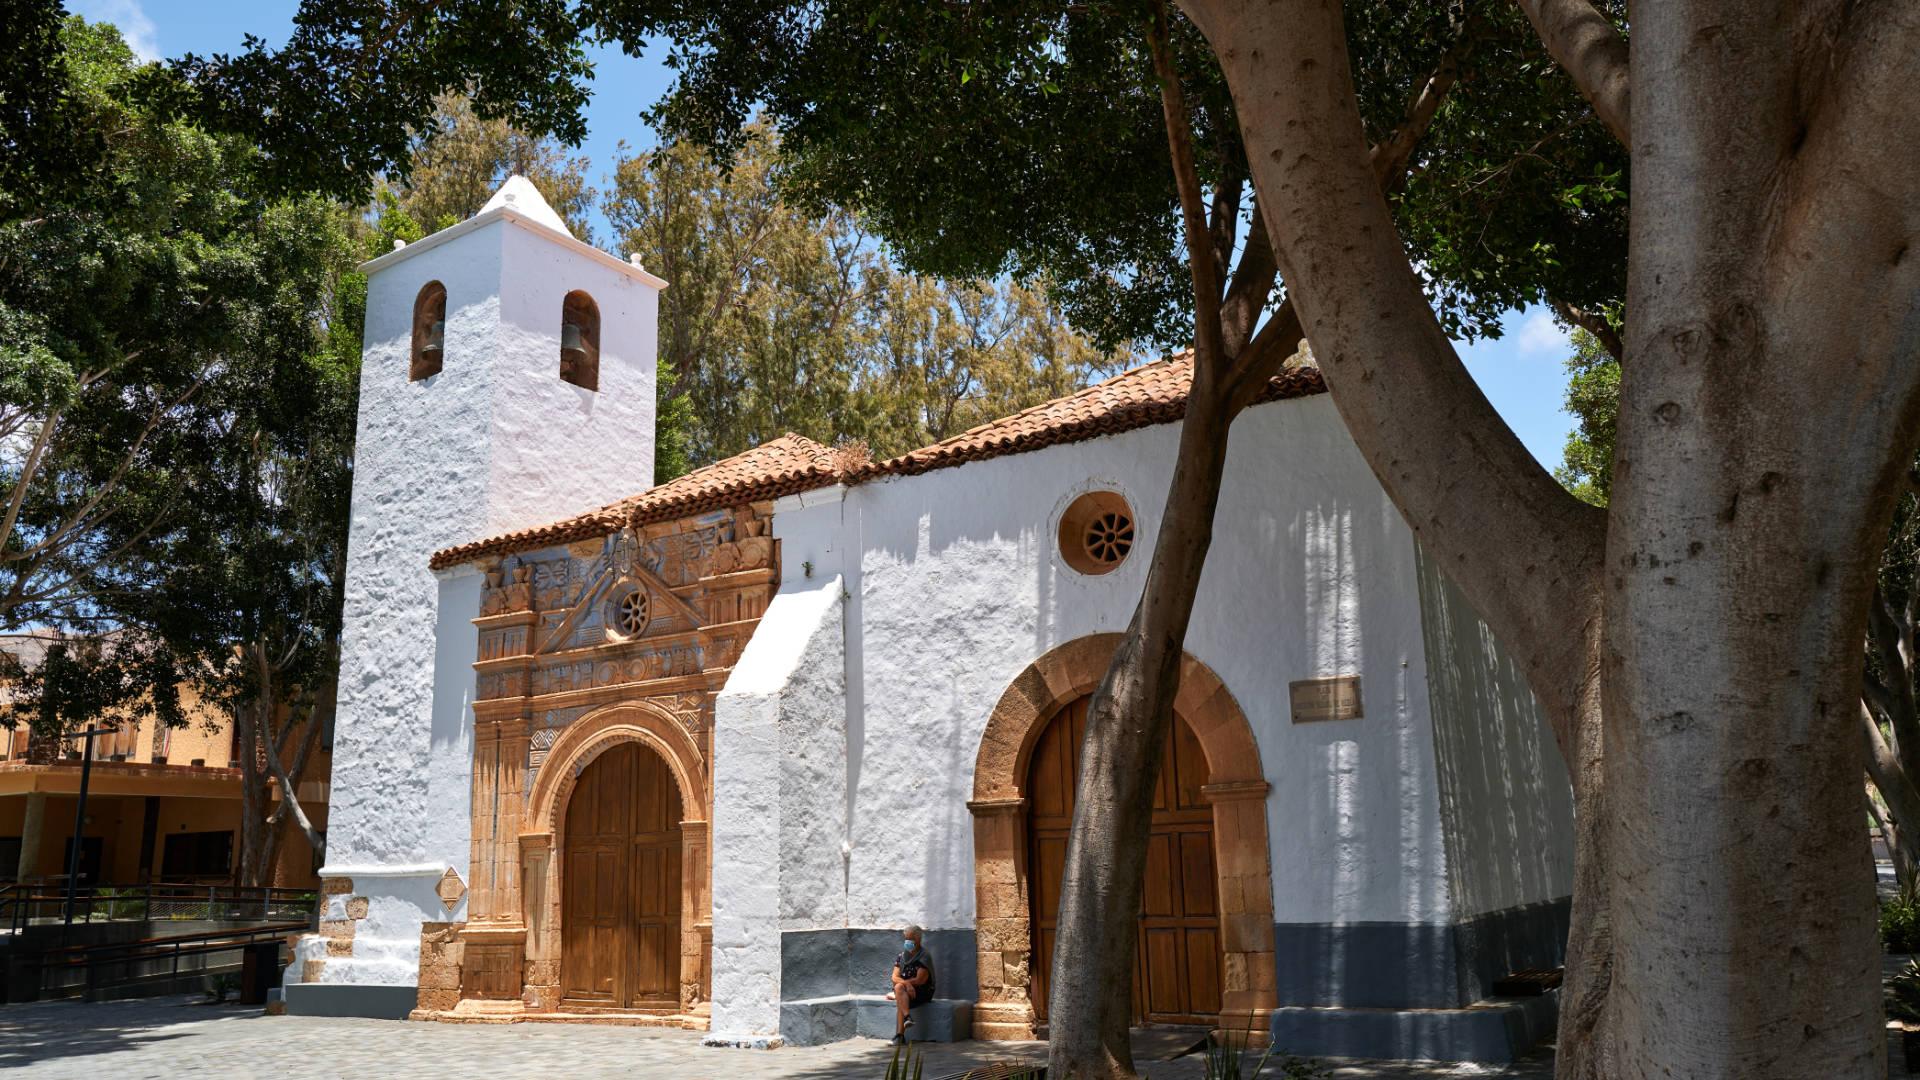 Die Kirche Iglesia de Nuestra Señora de Regla in Pájara Fuerteventura.